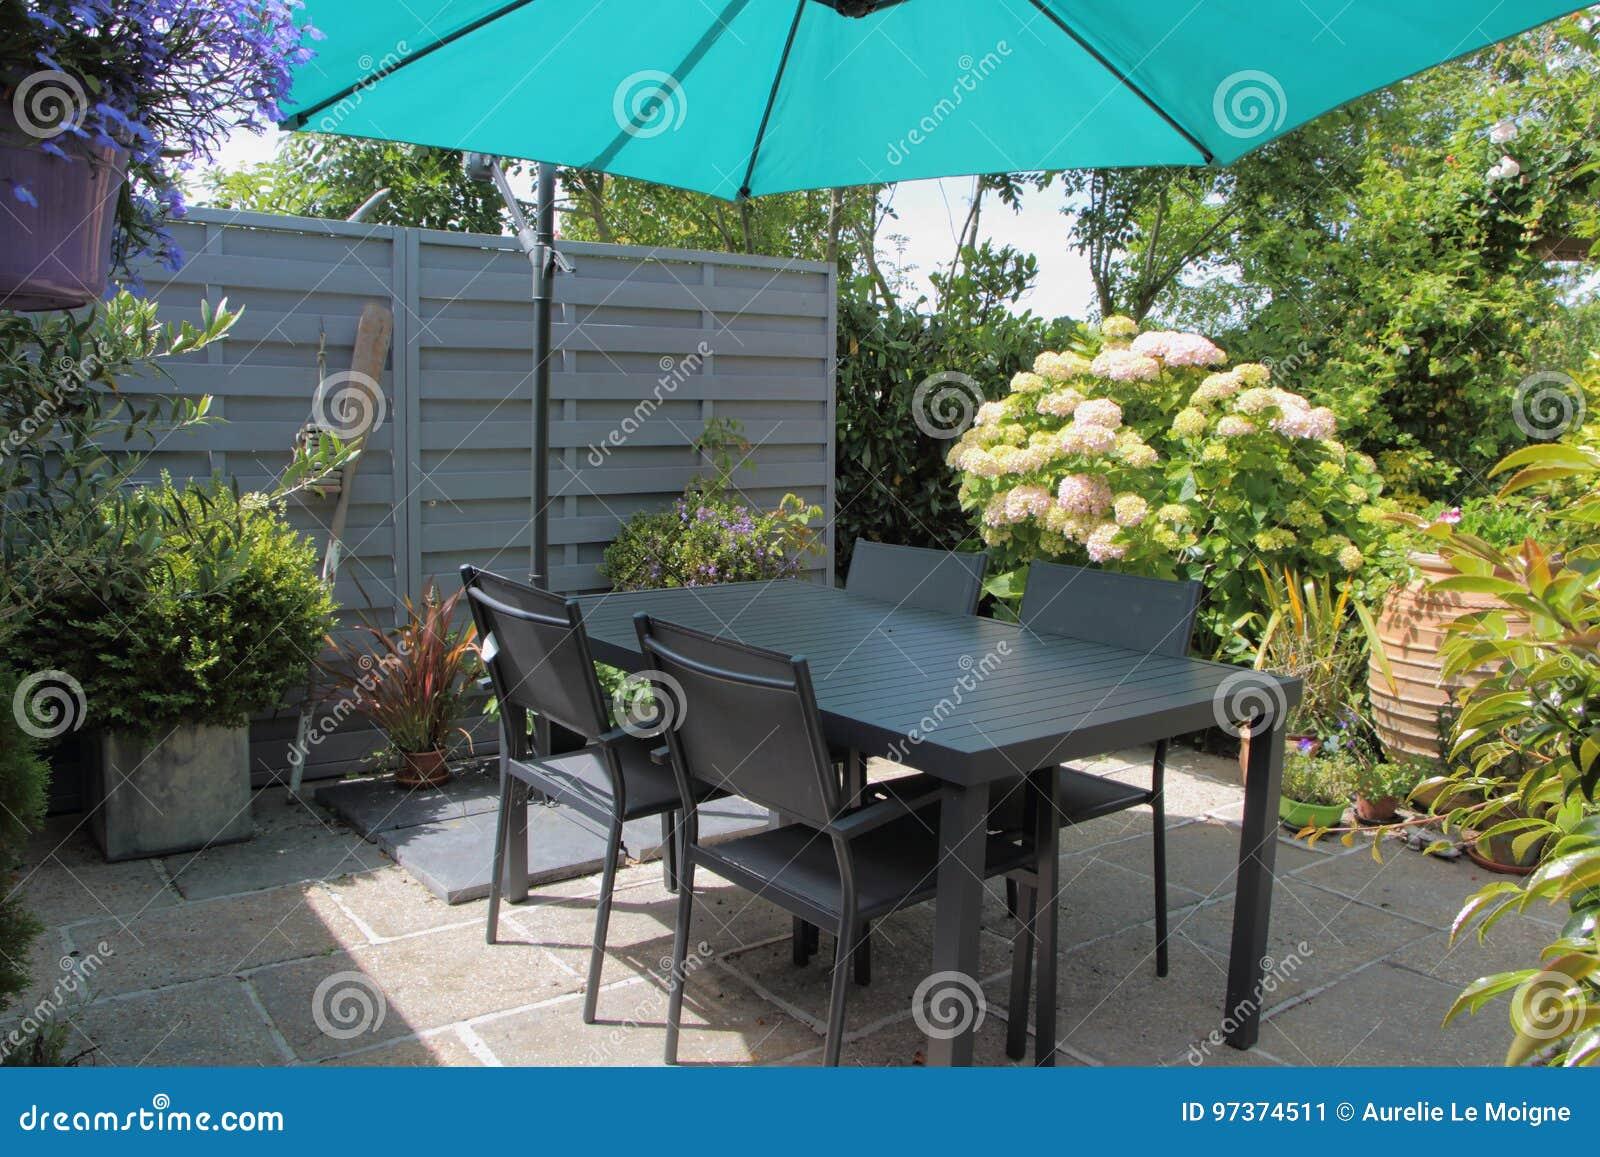 Geblühte Terrasse Mit Gartenmöbeln Stockbild Bild Von Blume